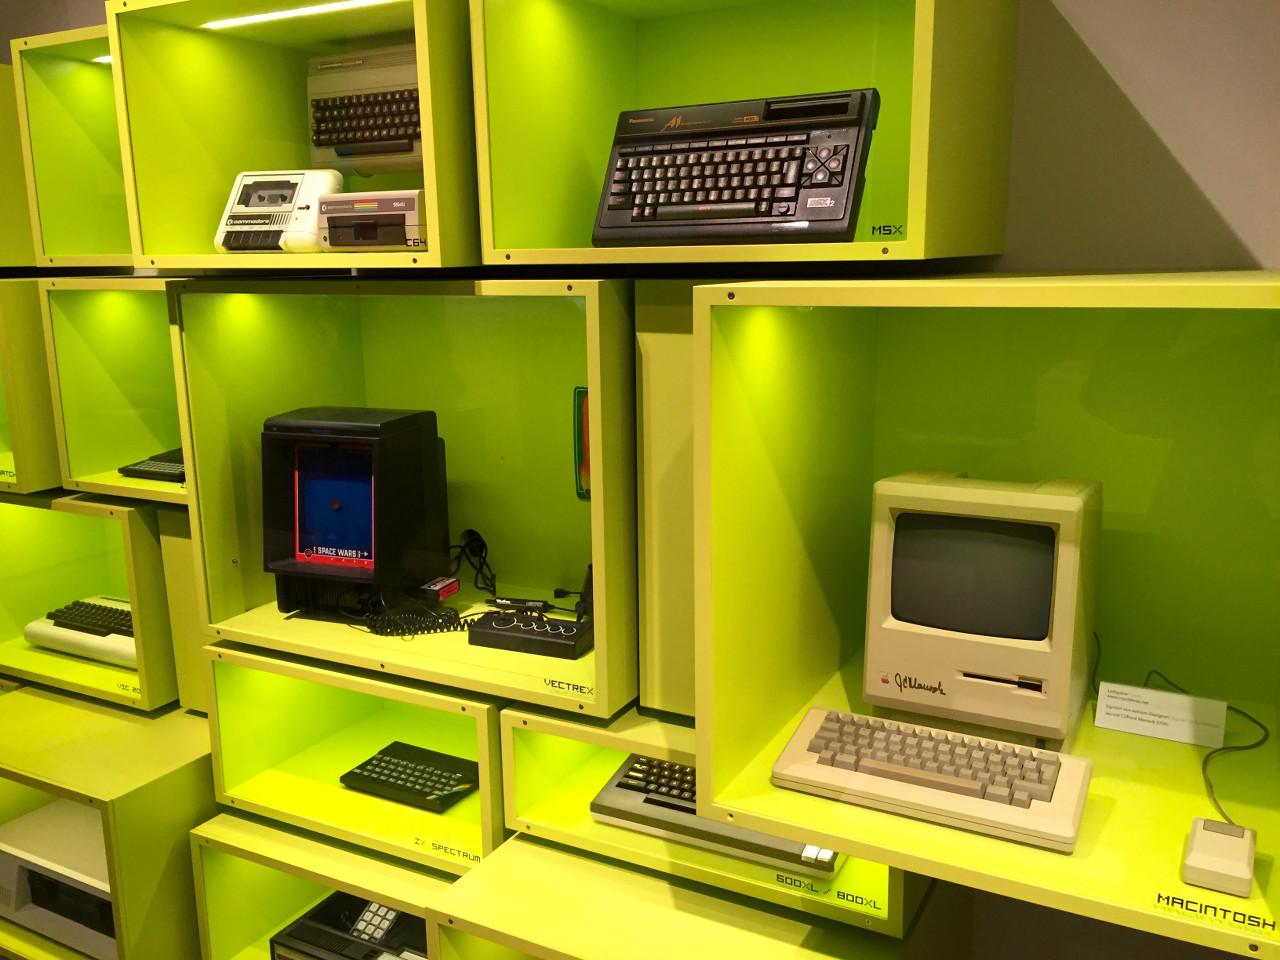 Meilensteine der Computergeschichte im CSM. (Bild: André Eymann)